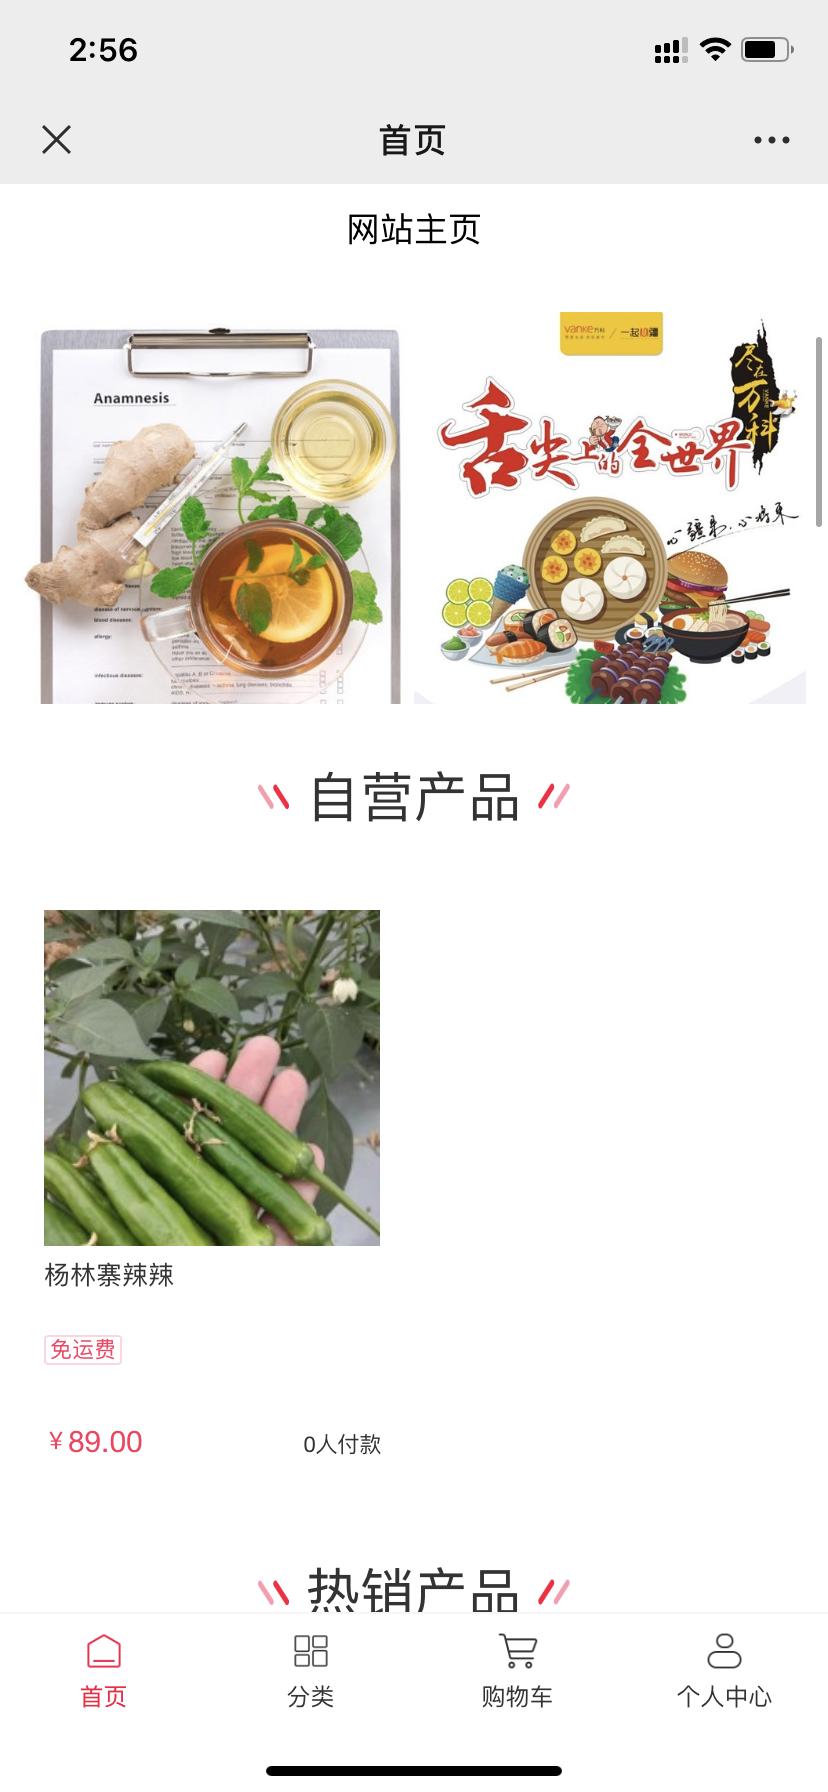 湖南名优特产整合行业招商运营资源的专业平台